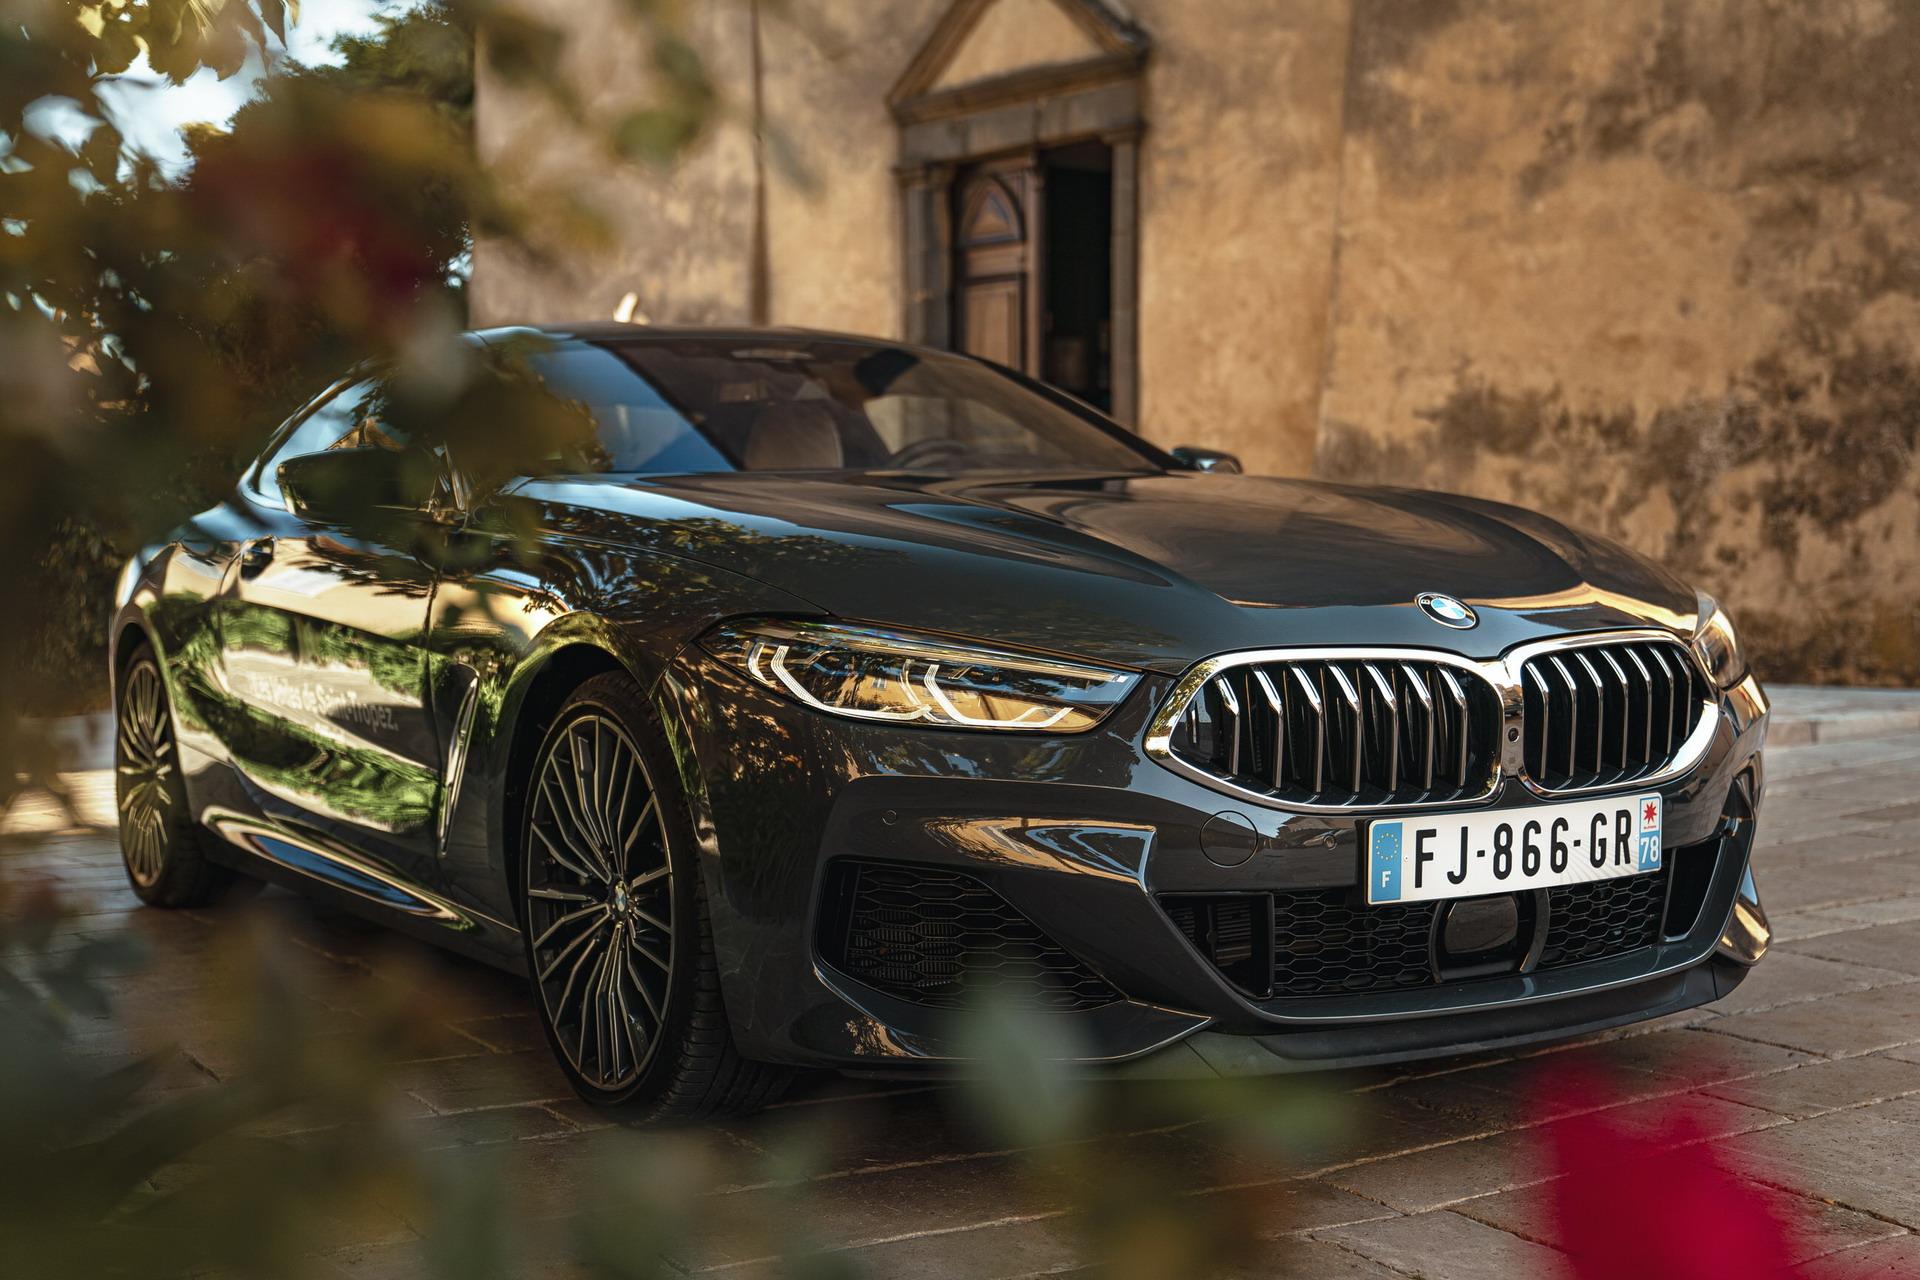 BMW M takes a trip to Les Voiles de Saint-Tropez